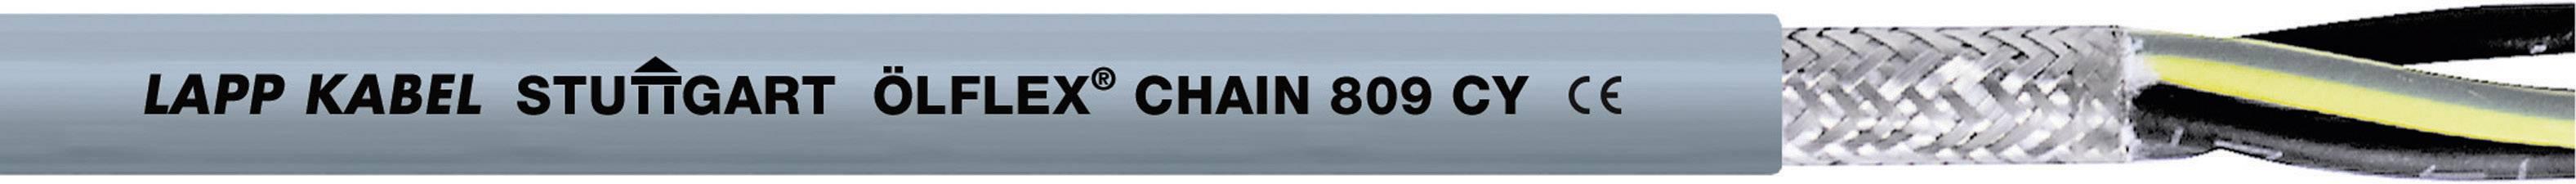 Žíla kabelu LappKabel ÖLFLEX CHAIN 809 CY 3G0,5 (1026752), 3x 0,5 mm², PVC, Ø 6,1 mm, stíněný, 50 m, šedá